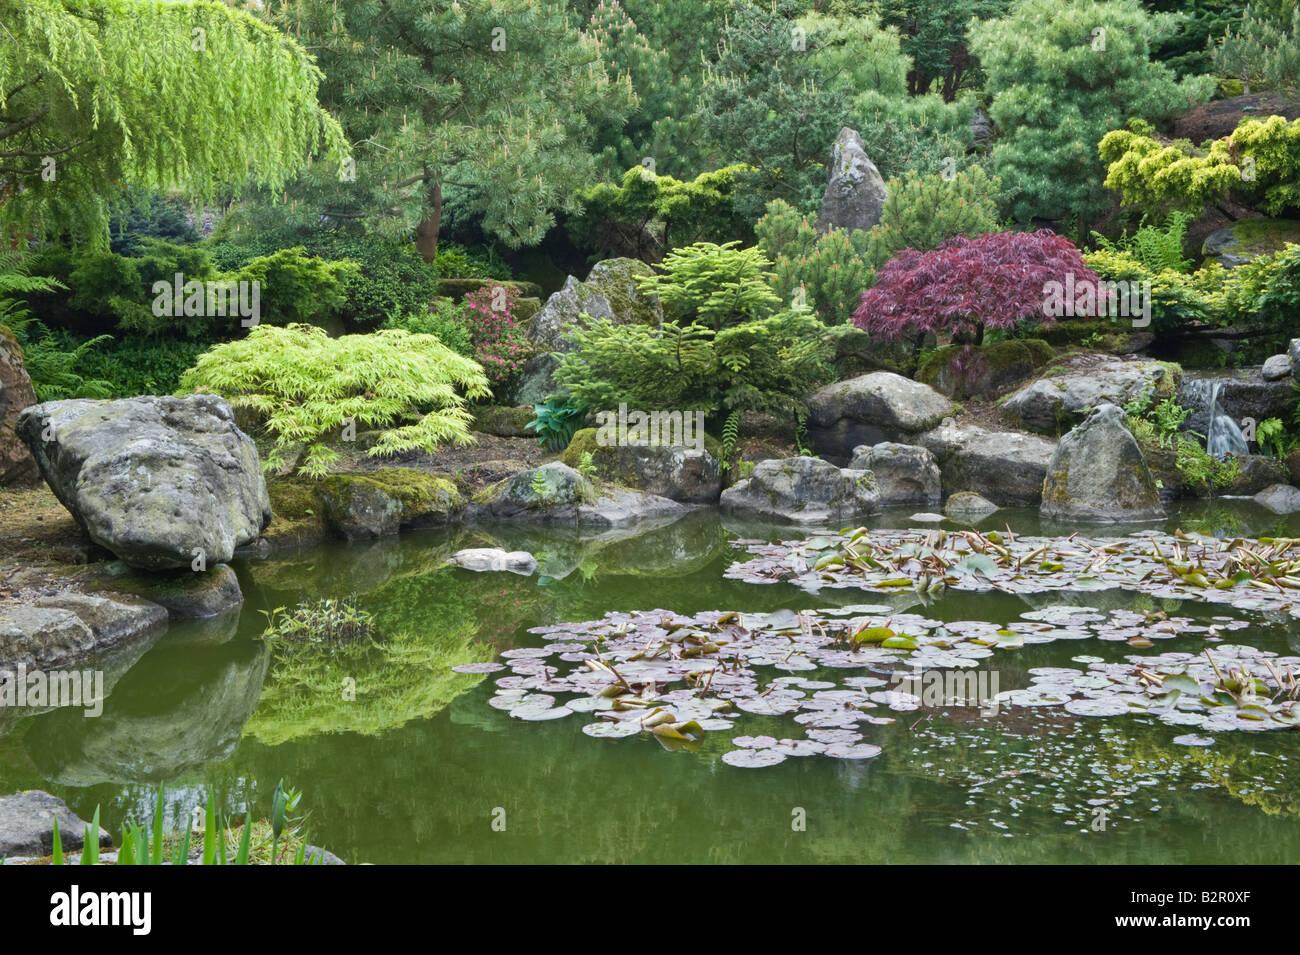 Garden Design Yorkshire garden pond with rocks, water lilies and trees in garden design